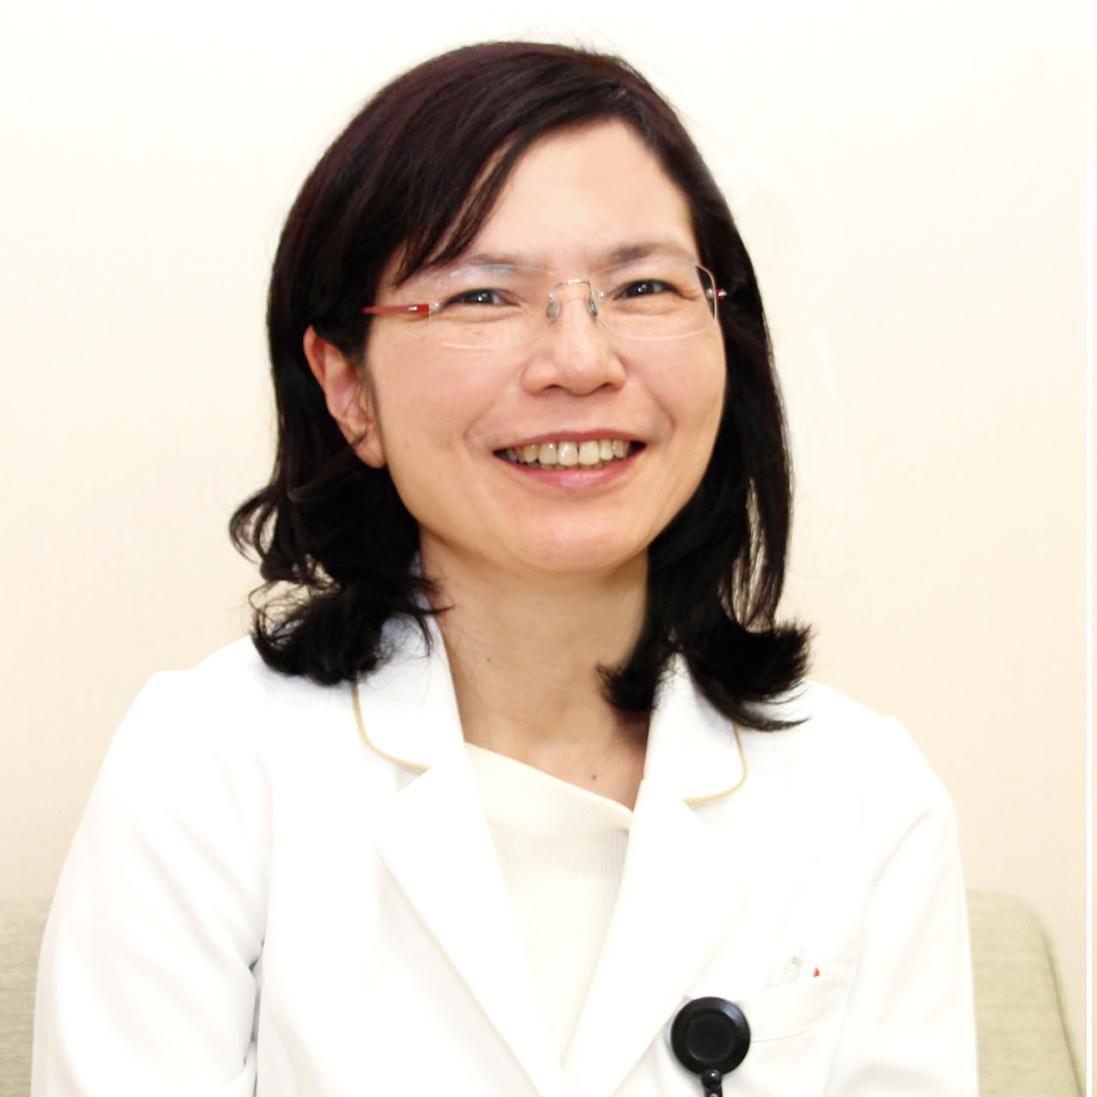 鳥取大学医学部 脳神経内科学分野 地域医療を支え 急性期疾患から神経の診断・治療にも尽力